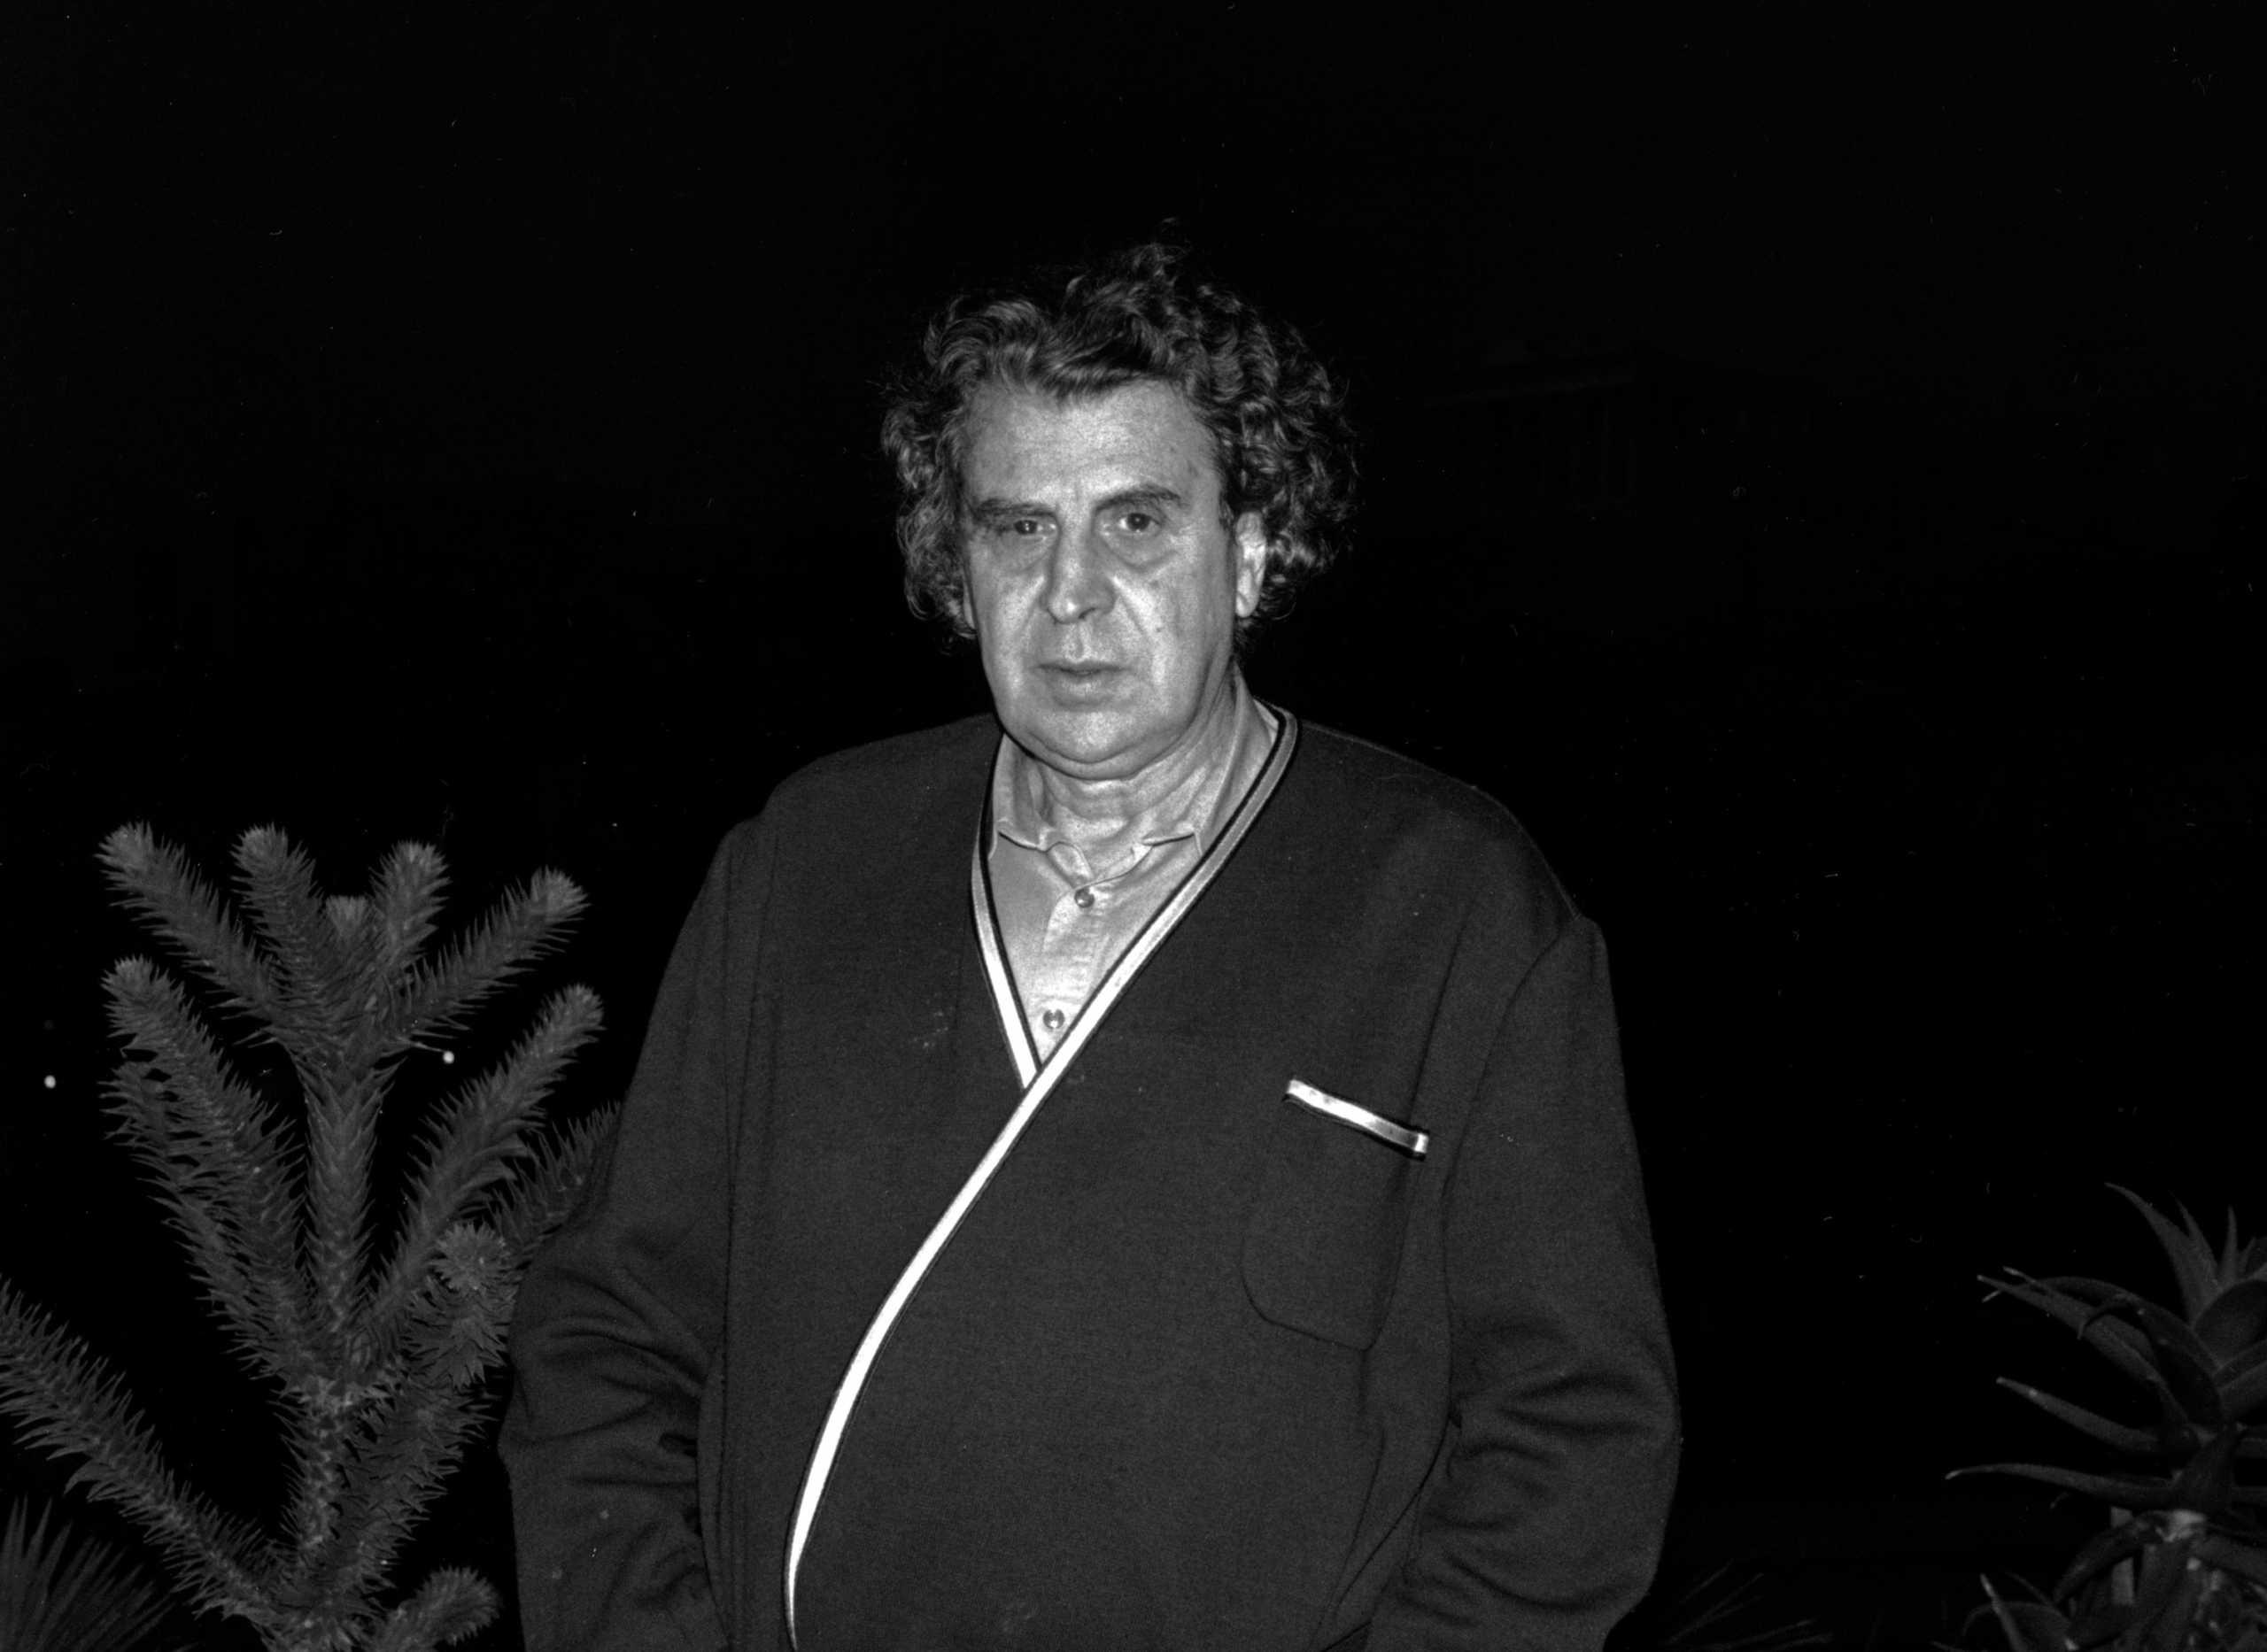 «Ο γαλαξίας μου: Μίκης Θεοδωράκης»: Συνεχίζεται ως το τέλος Οκτωβρίου η έκθεση στο Μέγαρο Μουσικής Αθηνών